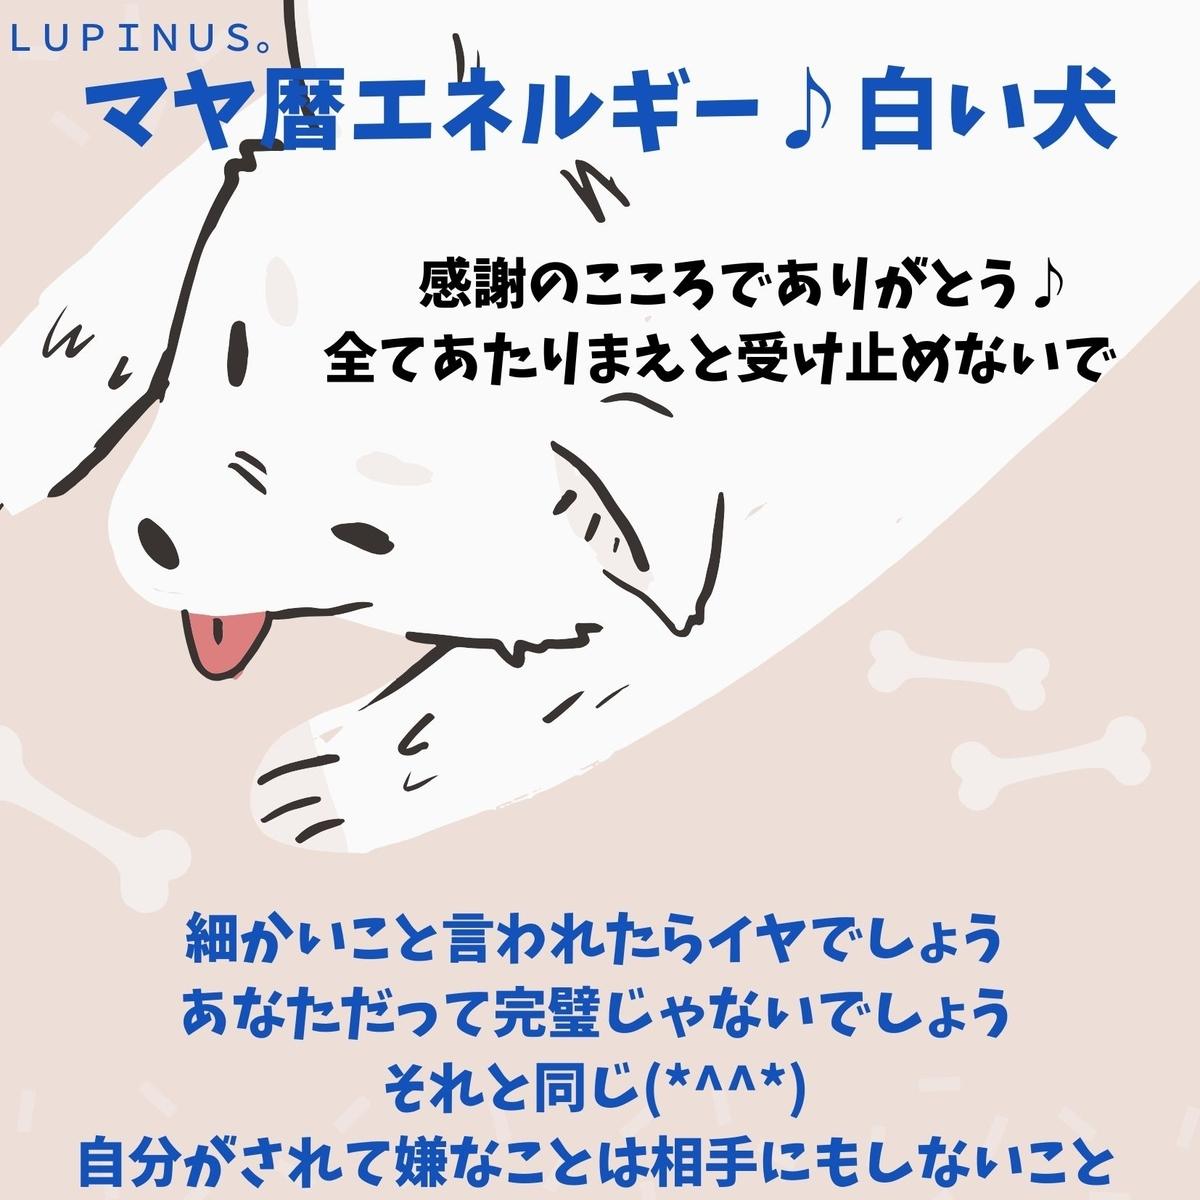 f:id:Lupinus104:20200914053431j:plain